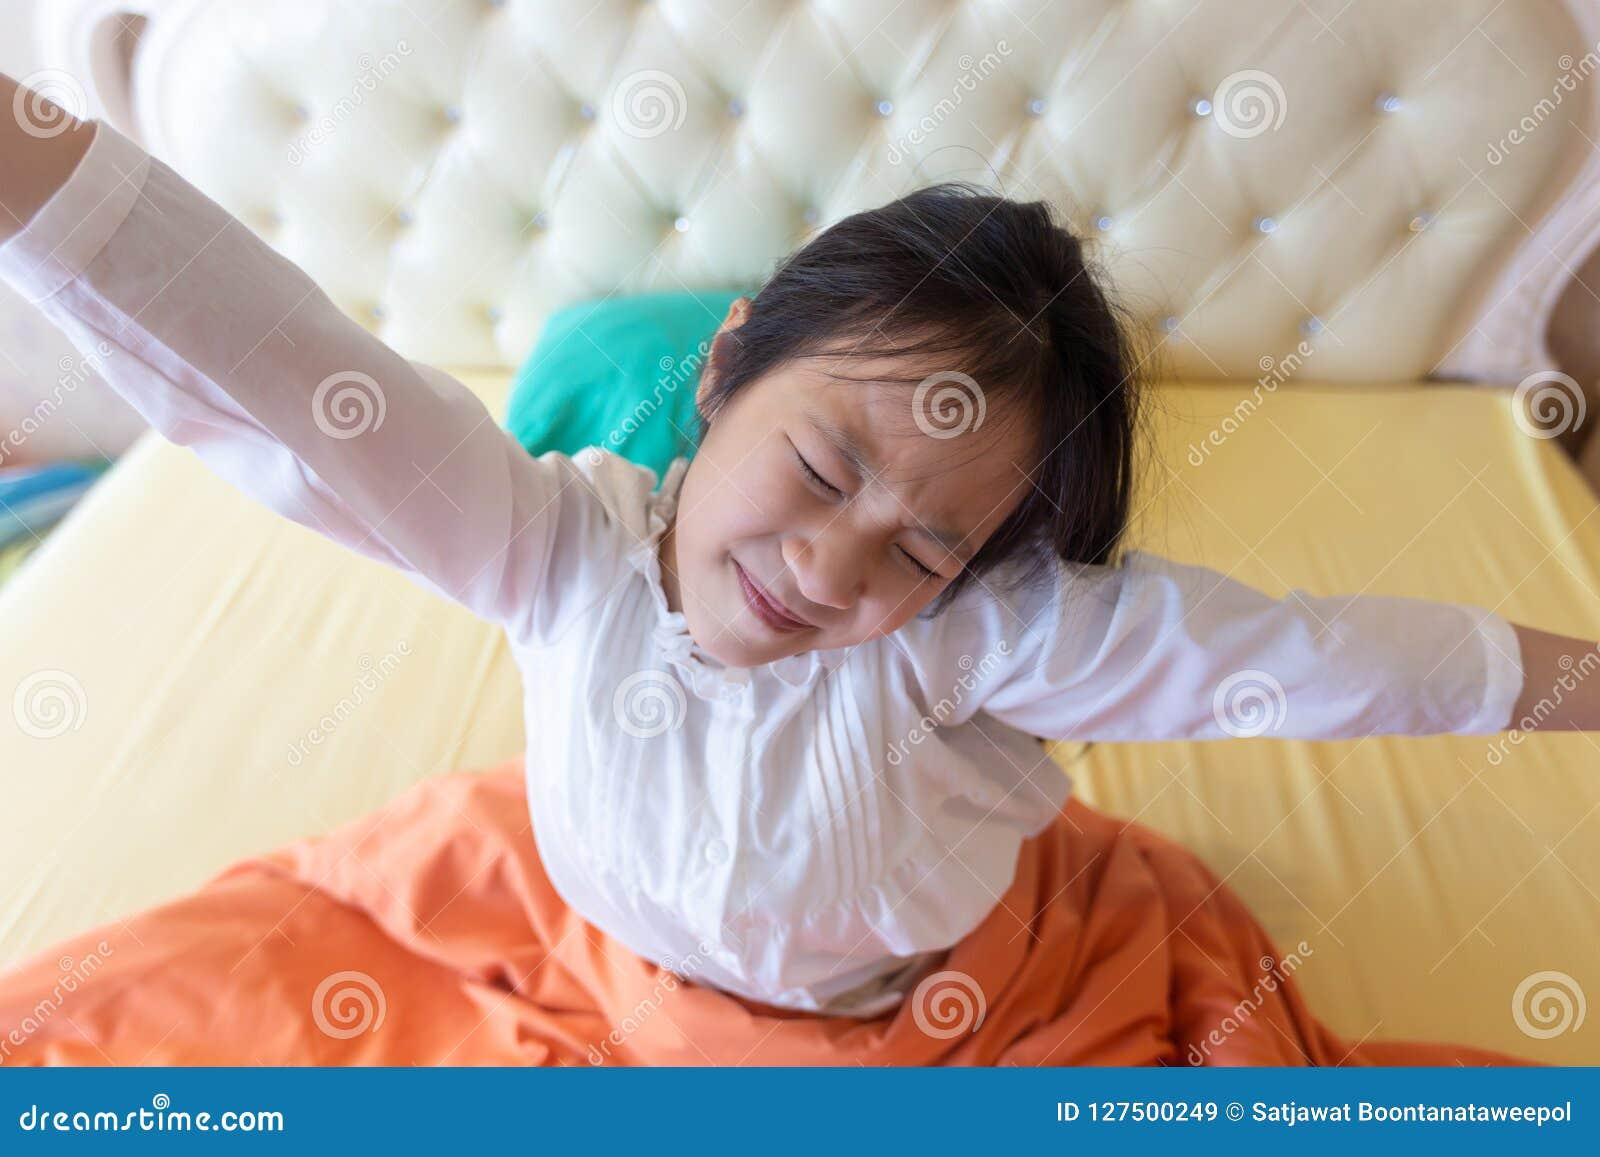 美女醒在她的床上的,舒展亚裔的女孩微笑和,健康,生活方式概念